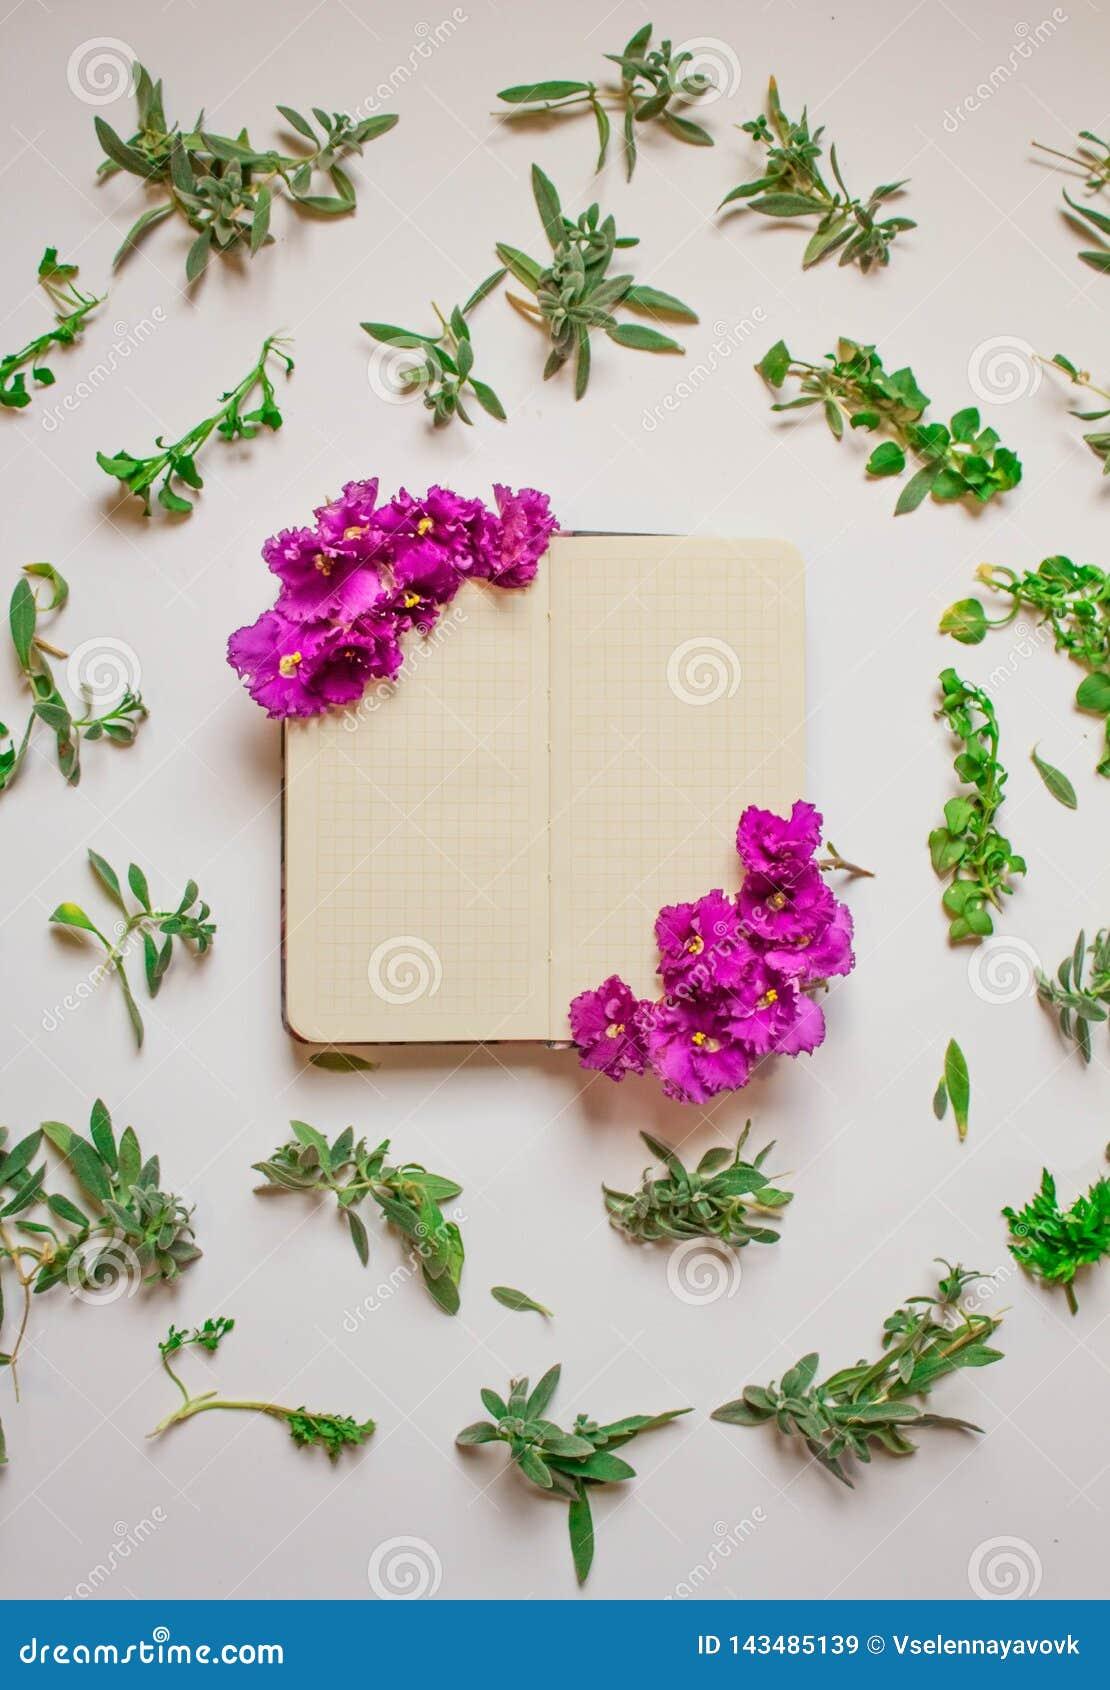 Het lege notitieboekje verfraaide purpere bloemen op een witte achtergrond, hoogste mening Blocnote met groen bladeren en viooltj